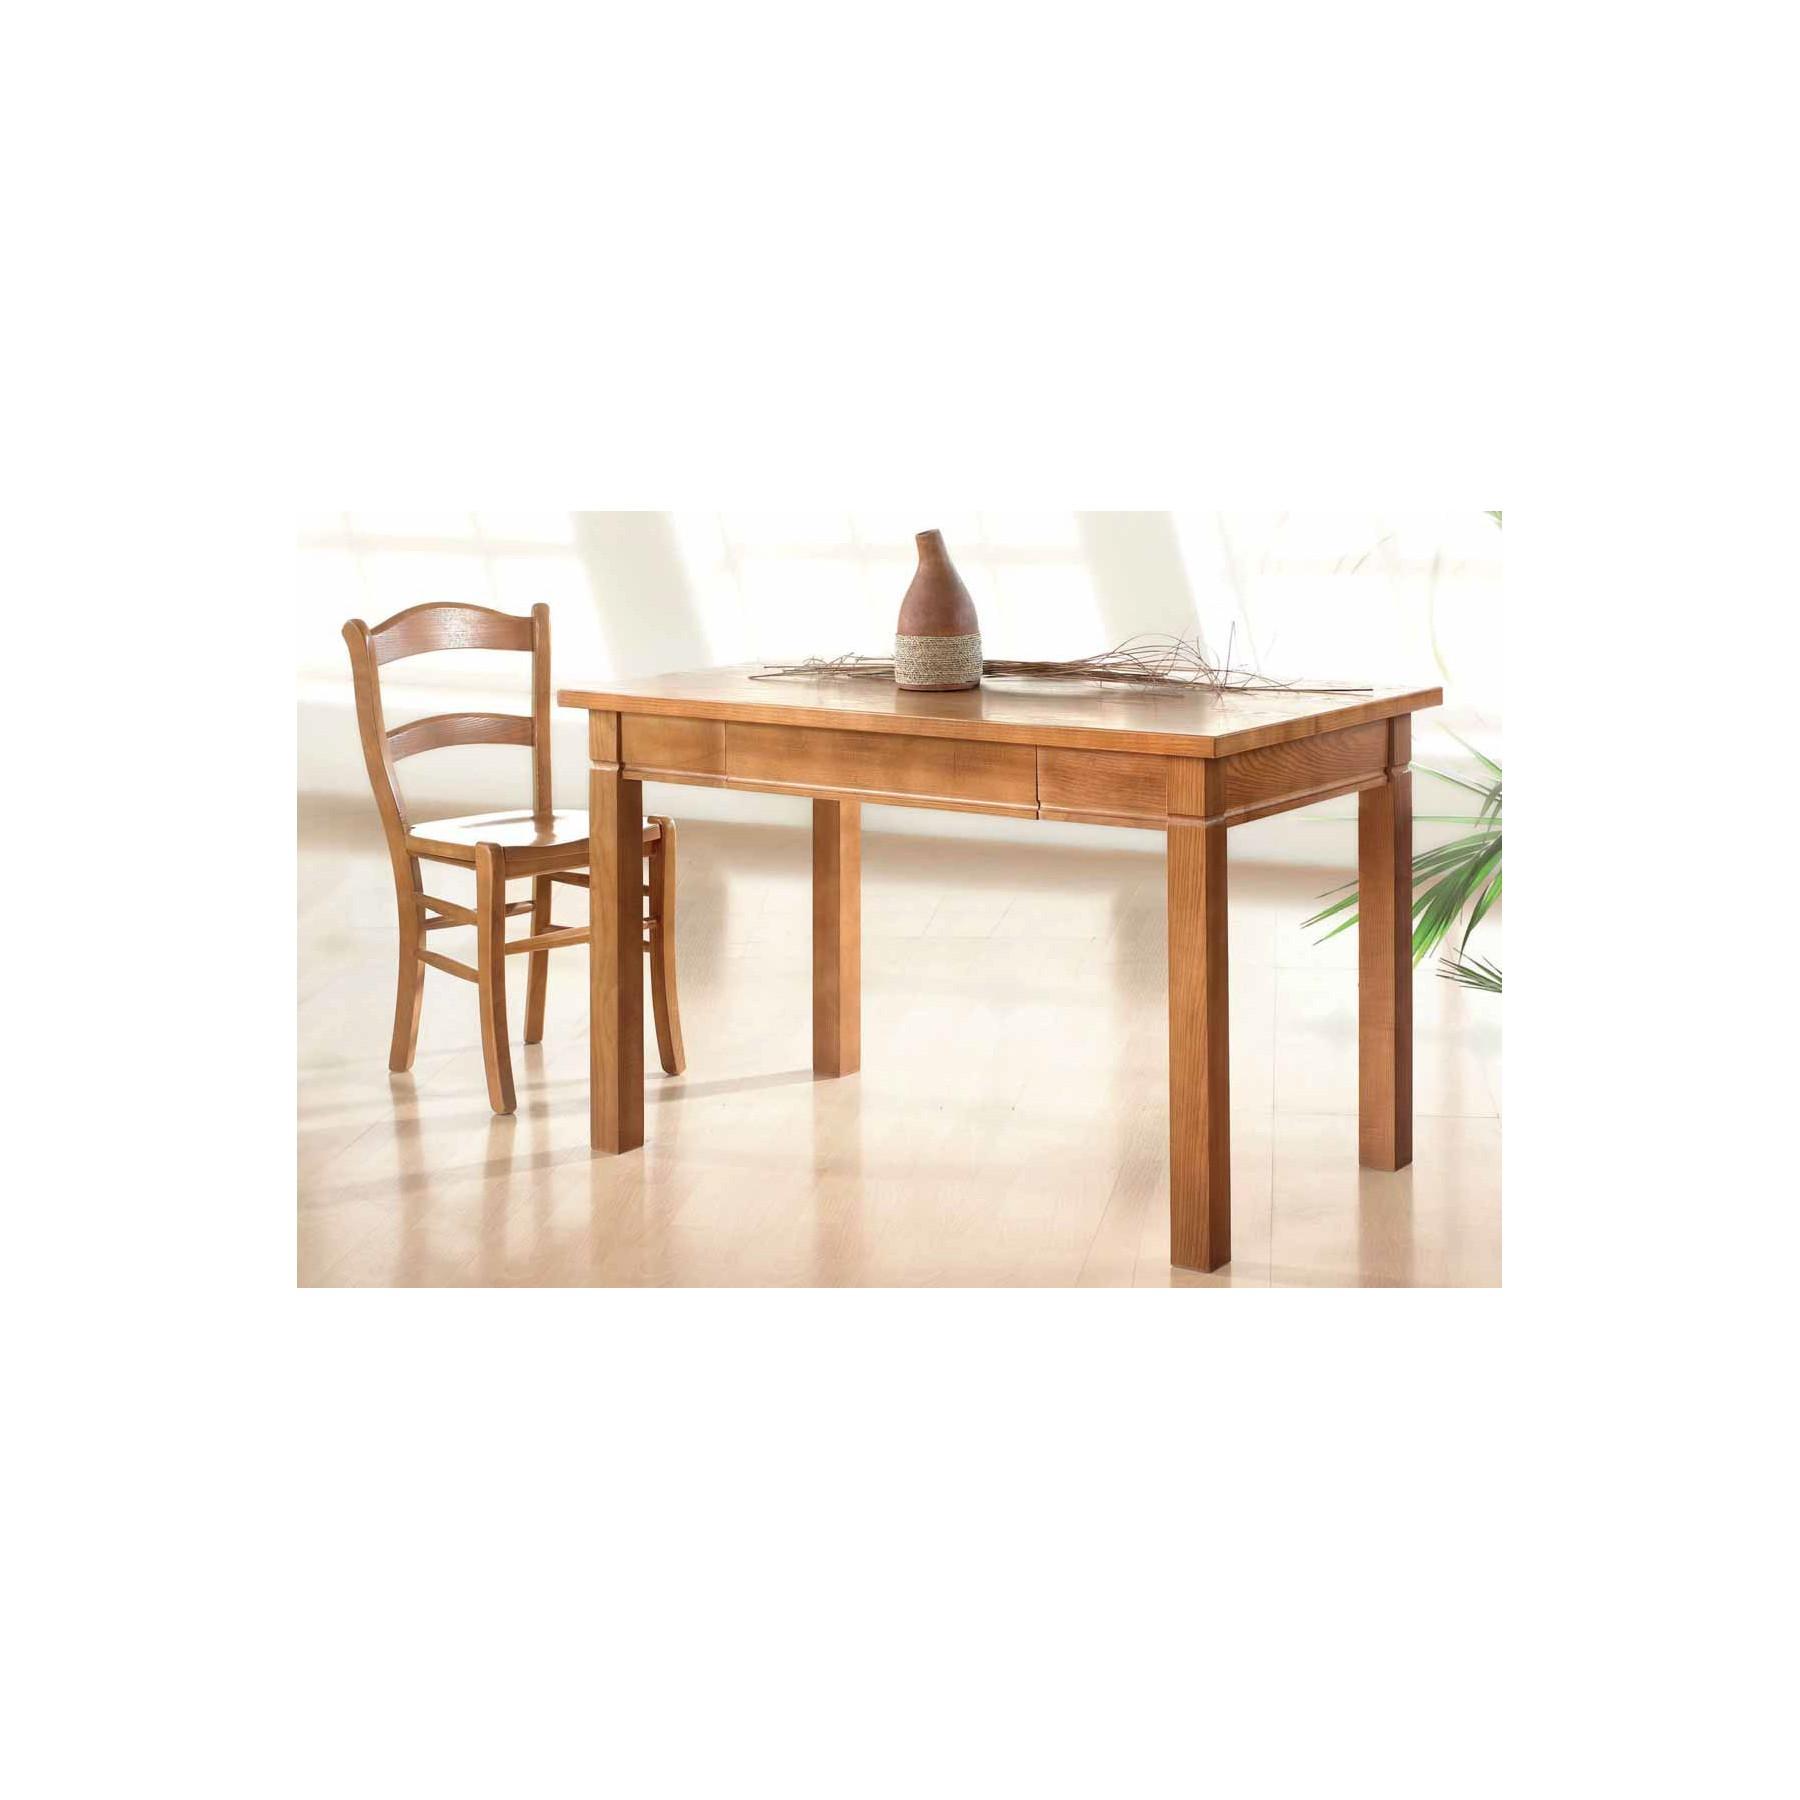 Mesa de cocina en madera de fresno estilo r stica modelo mango - Mesas de cocina rusticas ...